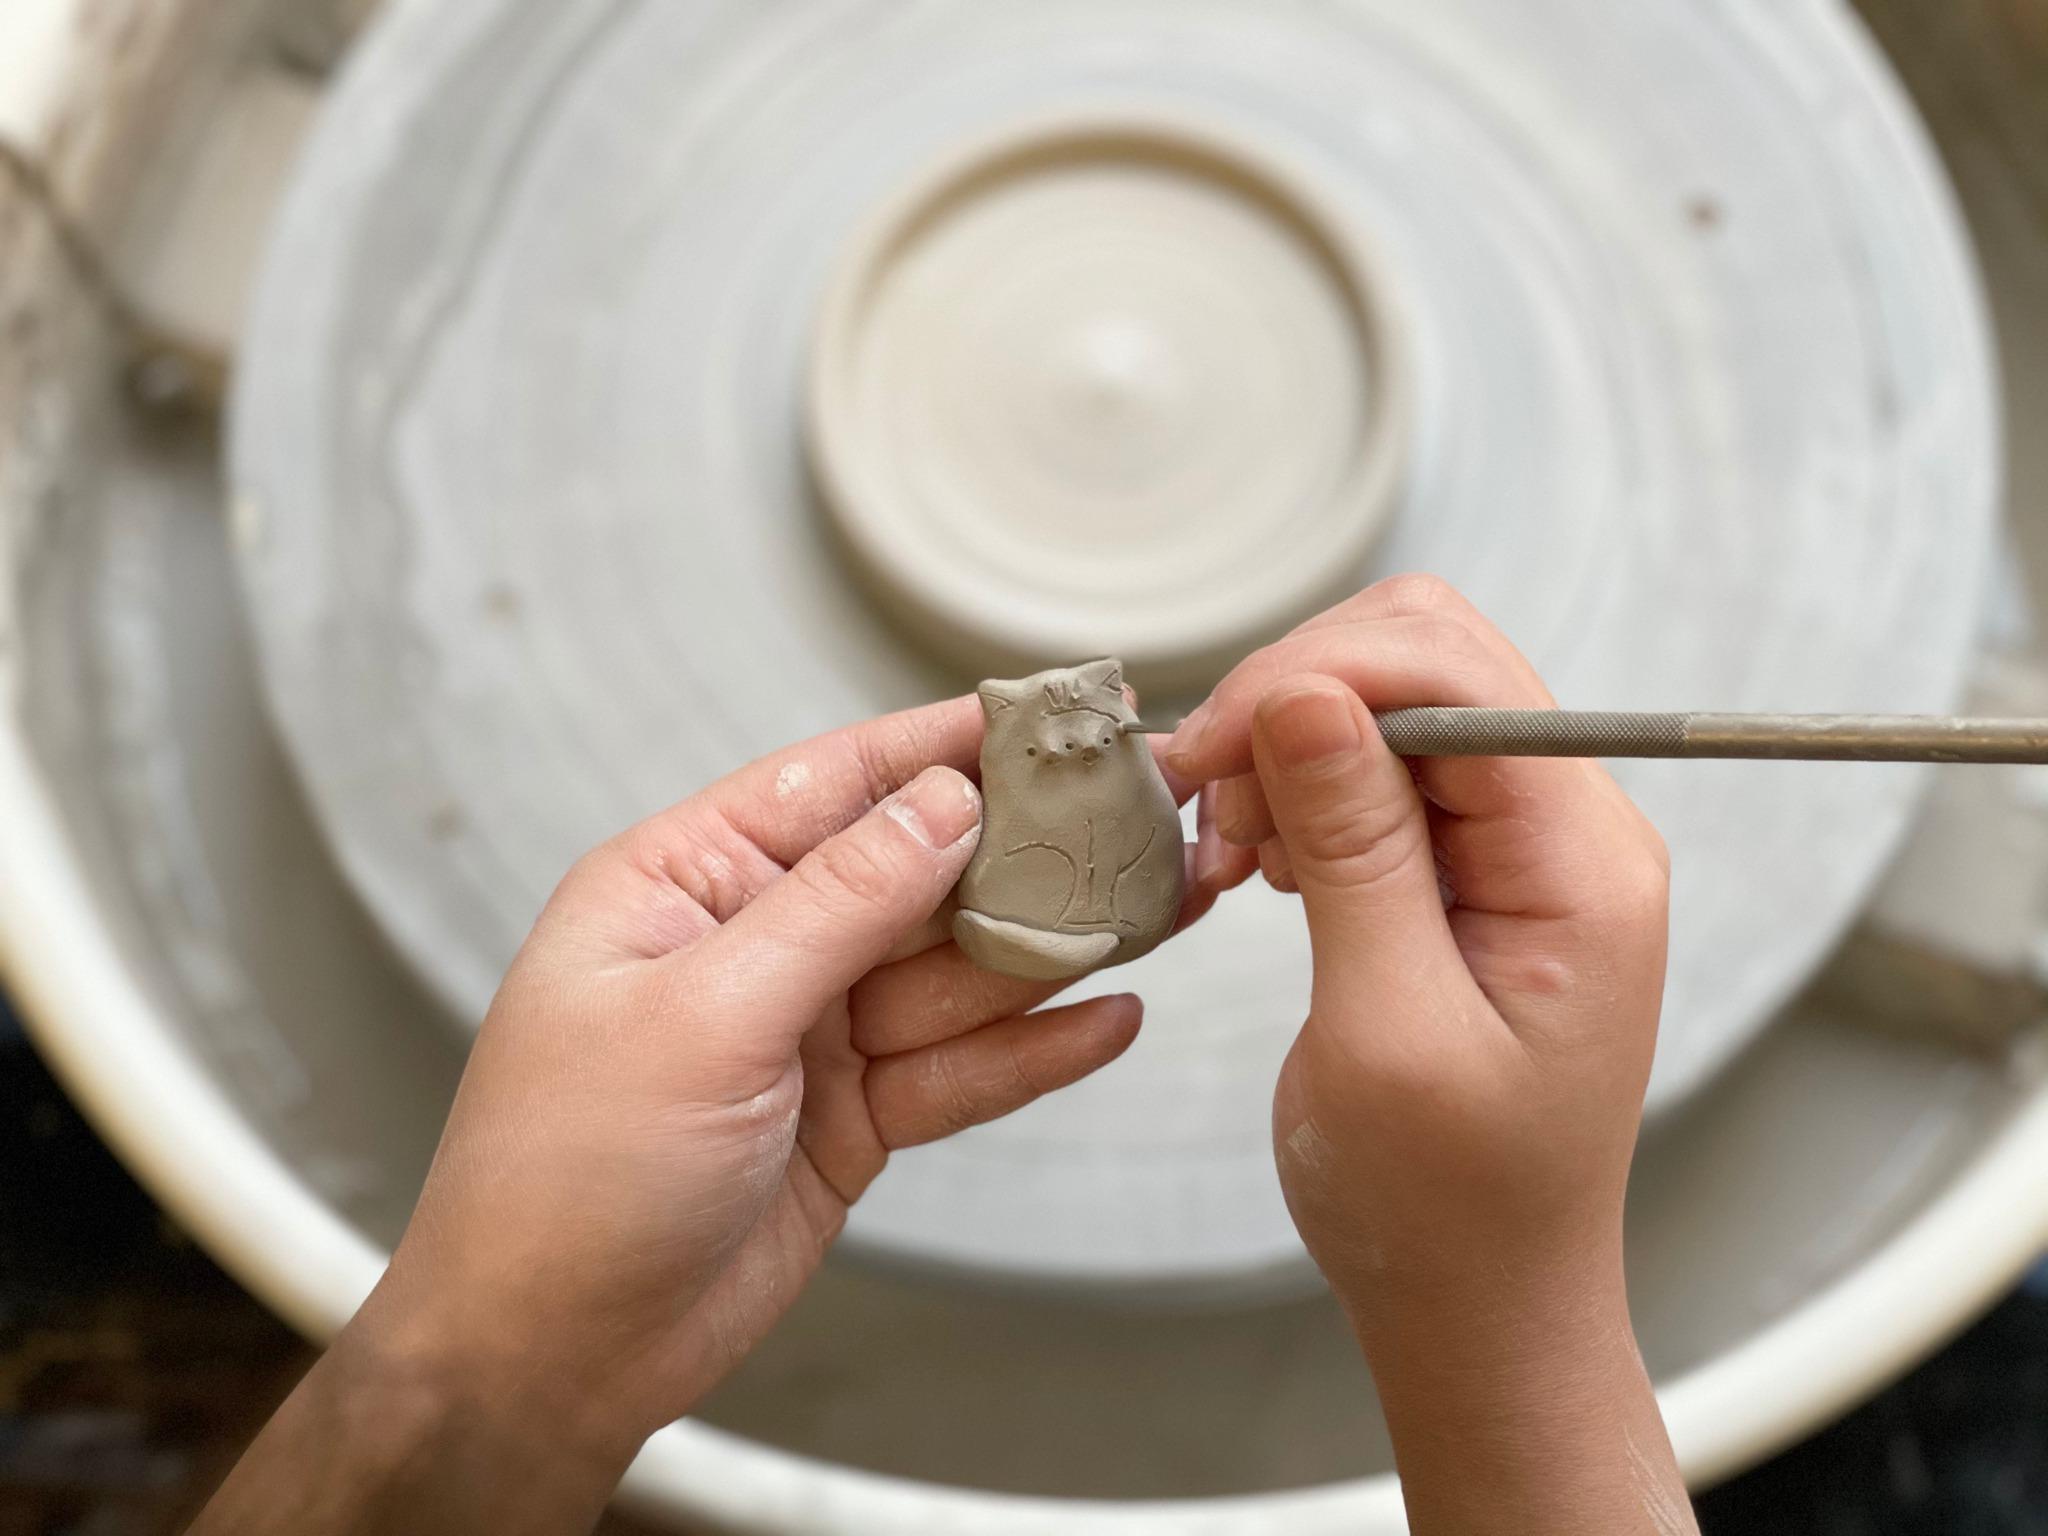 2021情人節 情人節工作坊 workshop 體驗活動 情侶活動 手工 陶瓷 陶藝